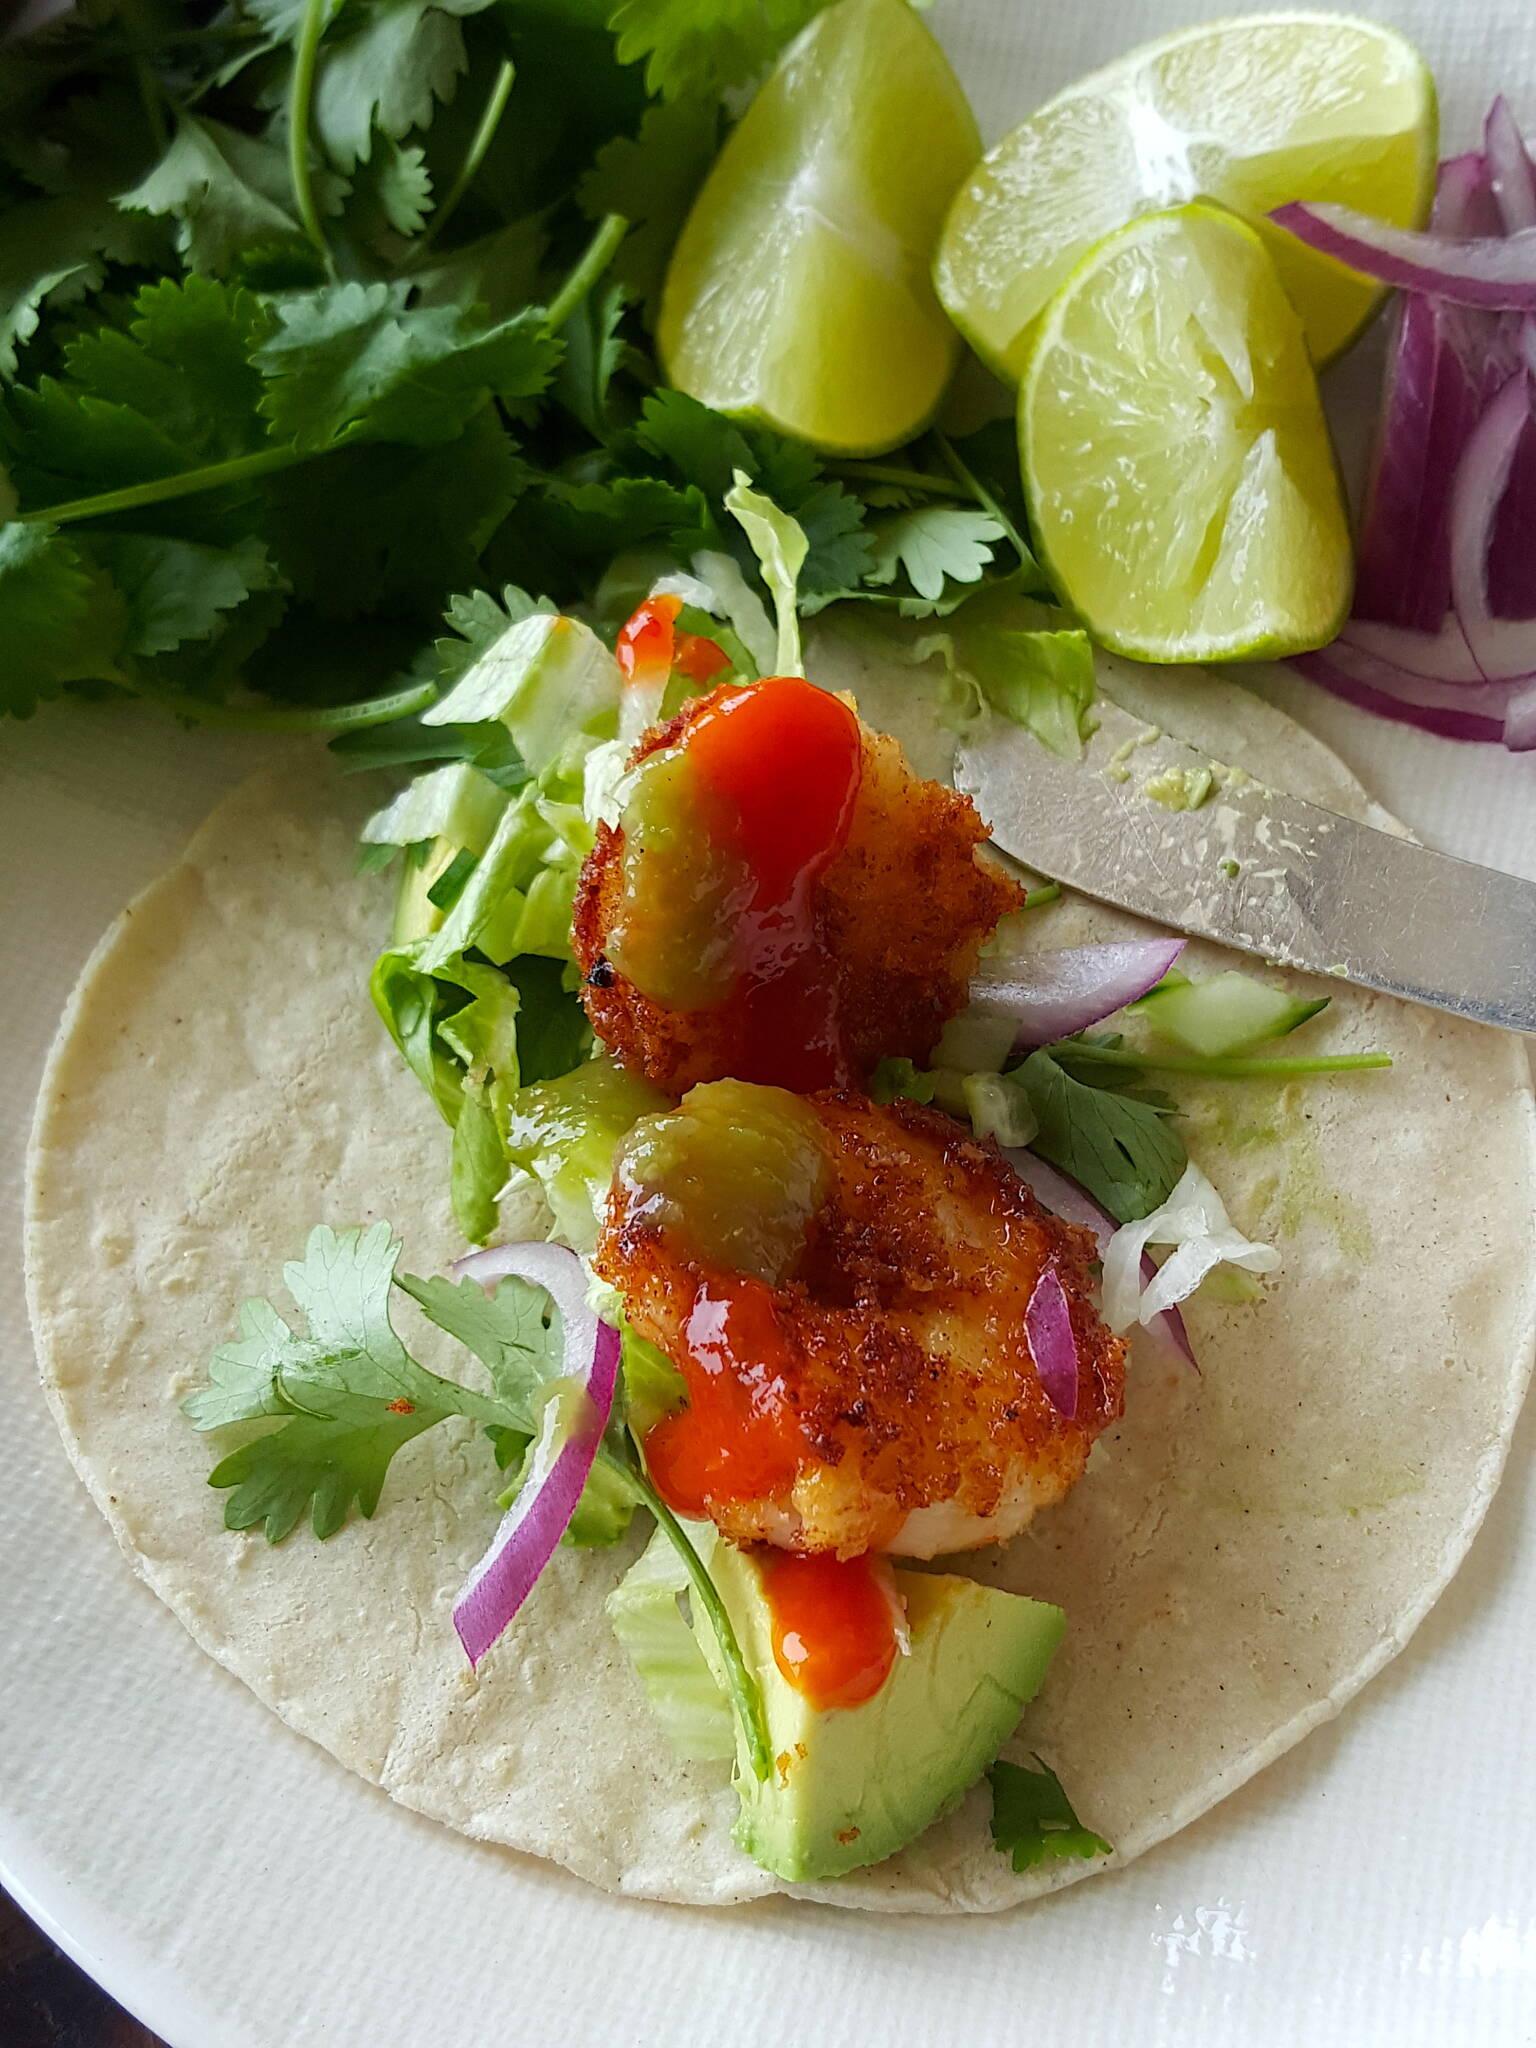 OMG Prawn Tacos